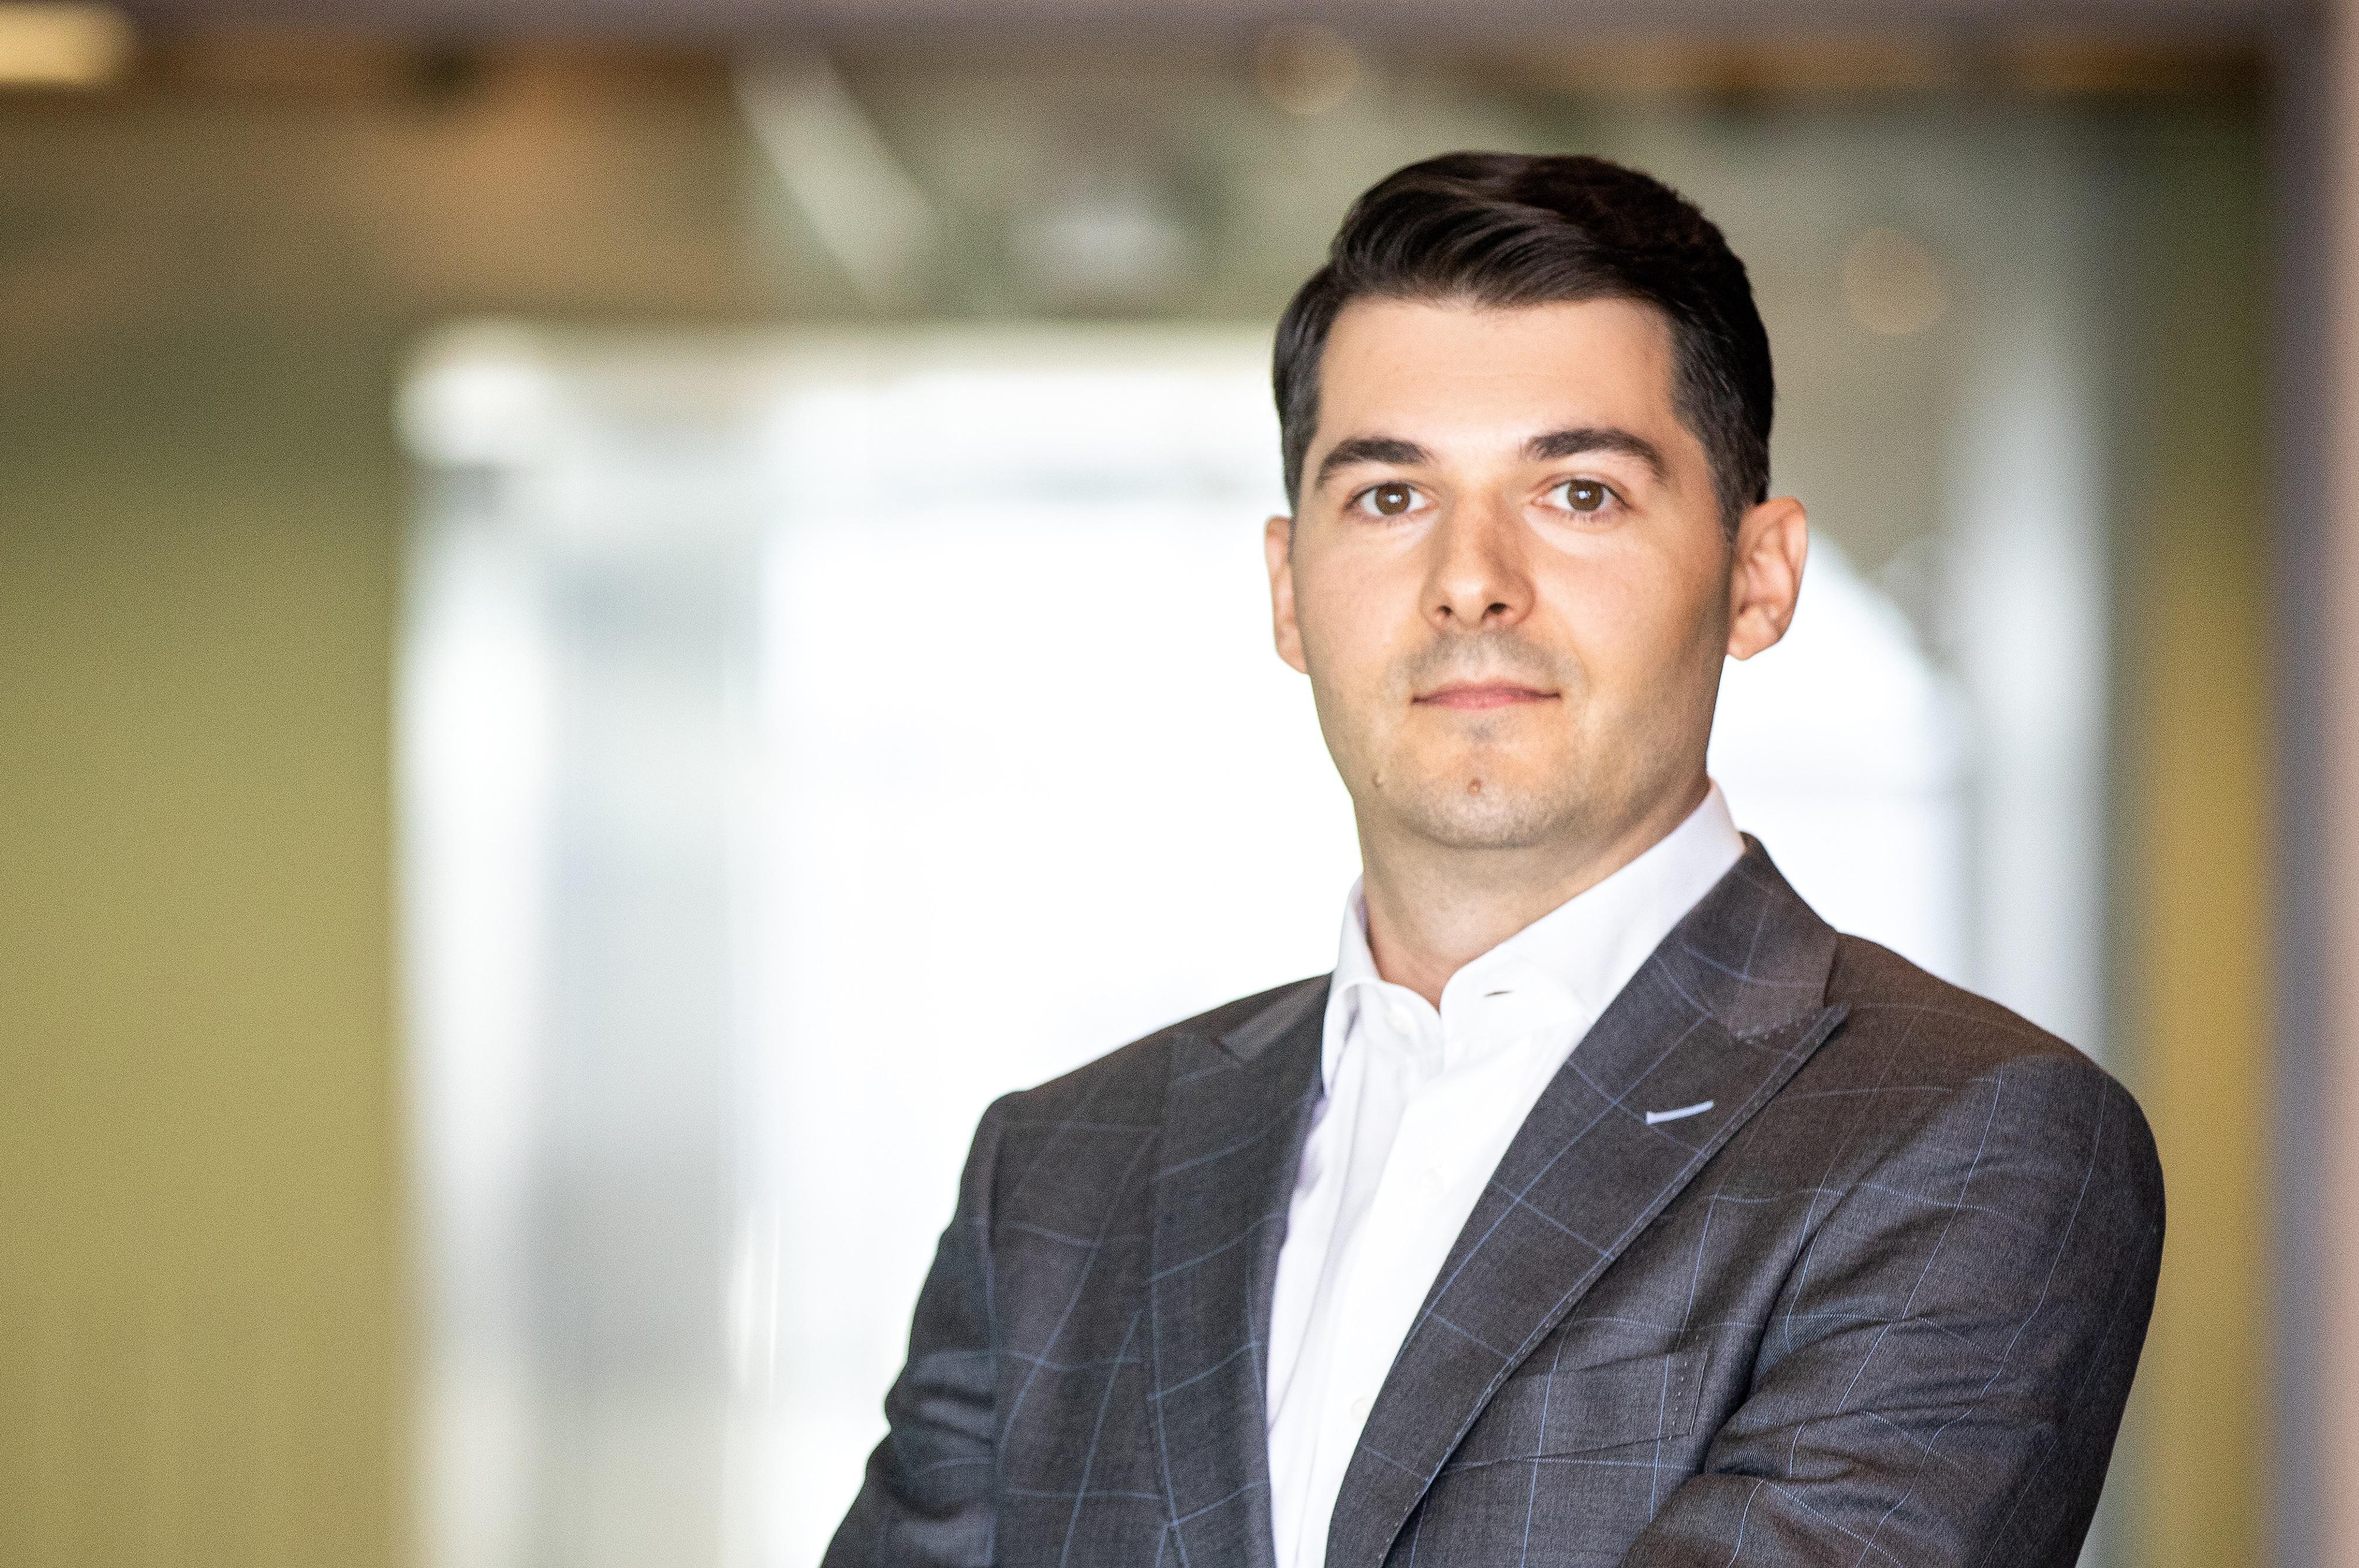 Opinie Adrian Teampău, Partener Asociat, Divizia Impozite indirecte, EY România: Cine beneficiază de 5% TVA destinată serviciilor de restaurant şi catering?